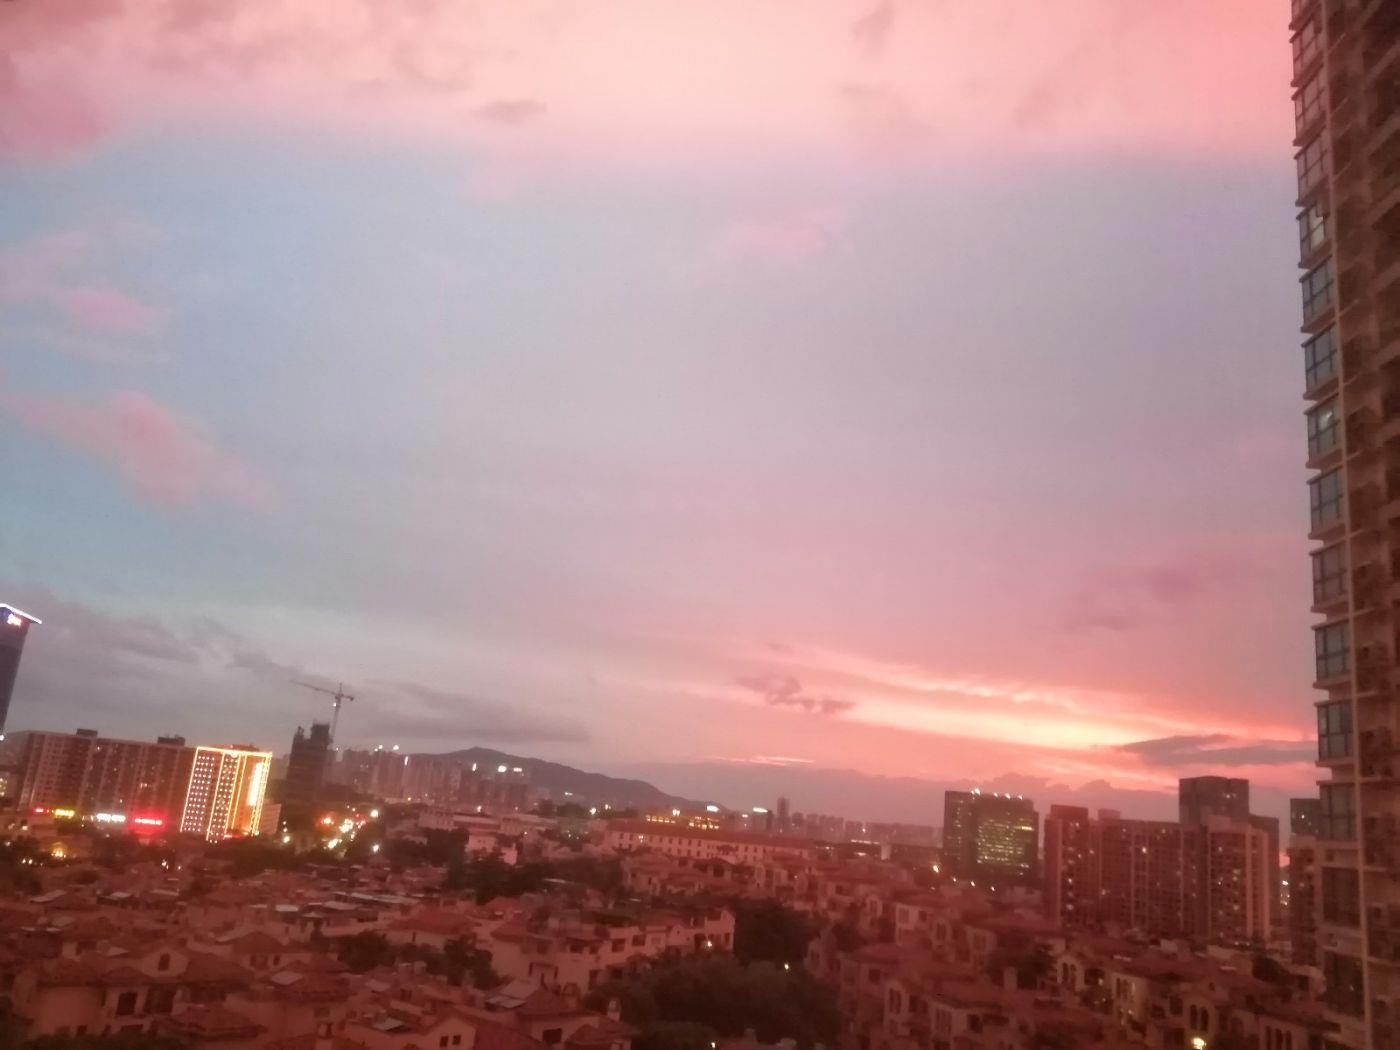 雨后天空红色,你见过吗_图1-1